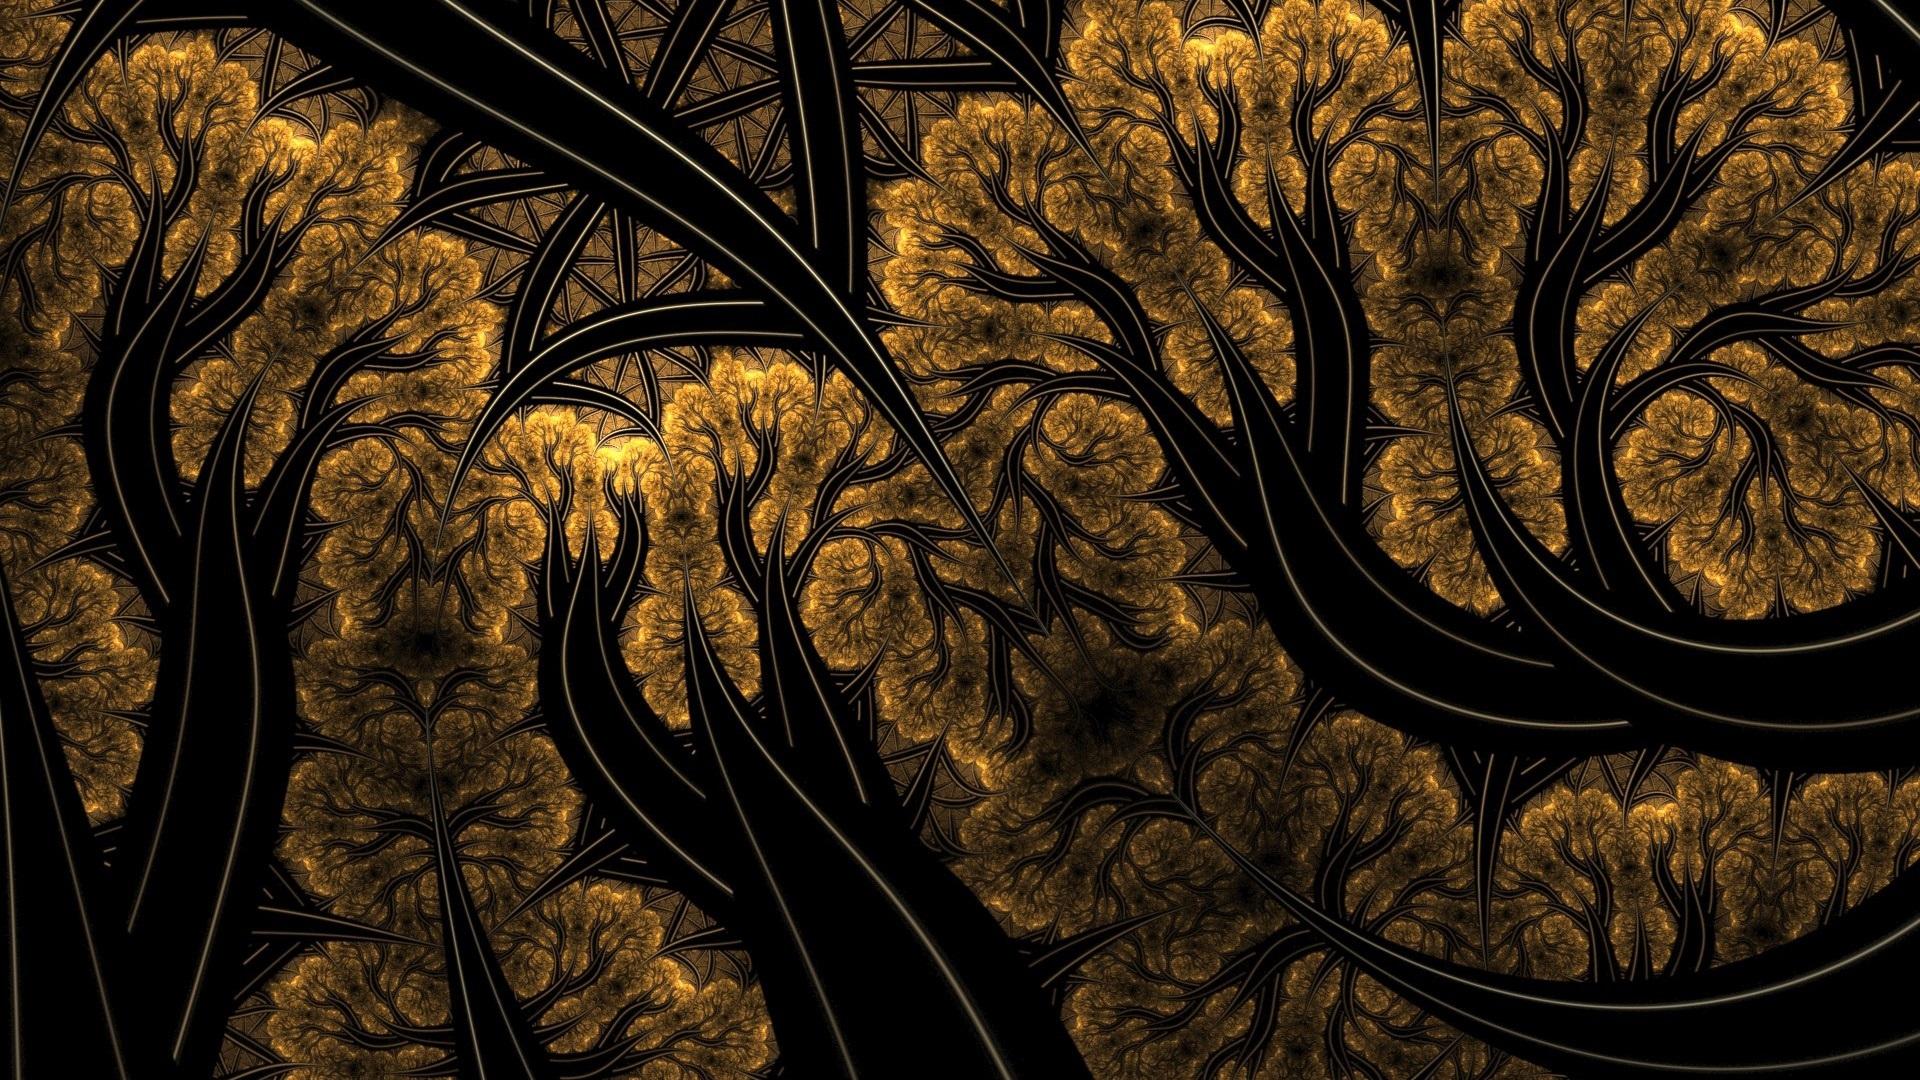 1920x1080 Abstracto Full Hd 1920x1080: Cuadro Abstracto, árboles, Líneas Fondos De Pantalla